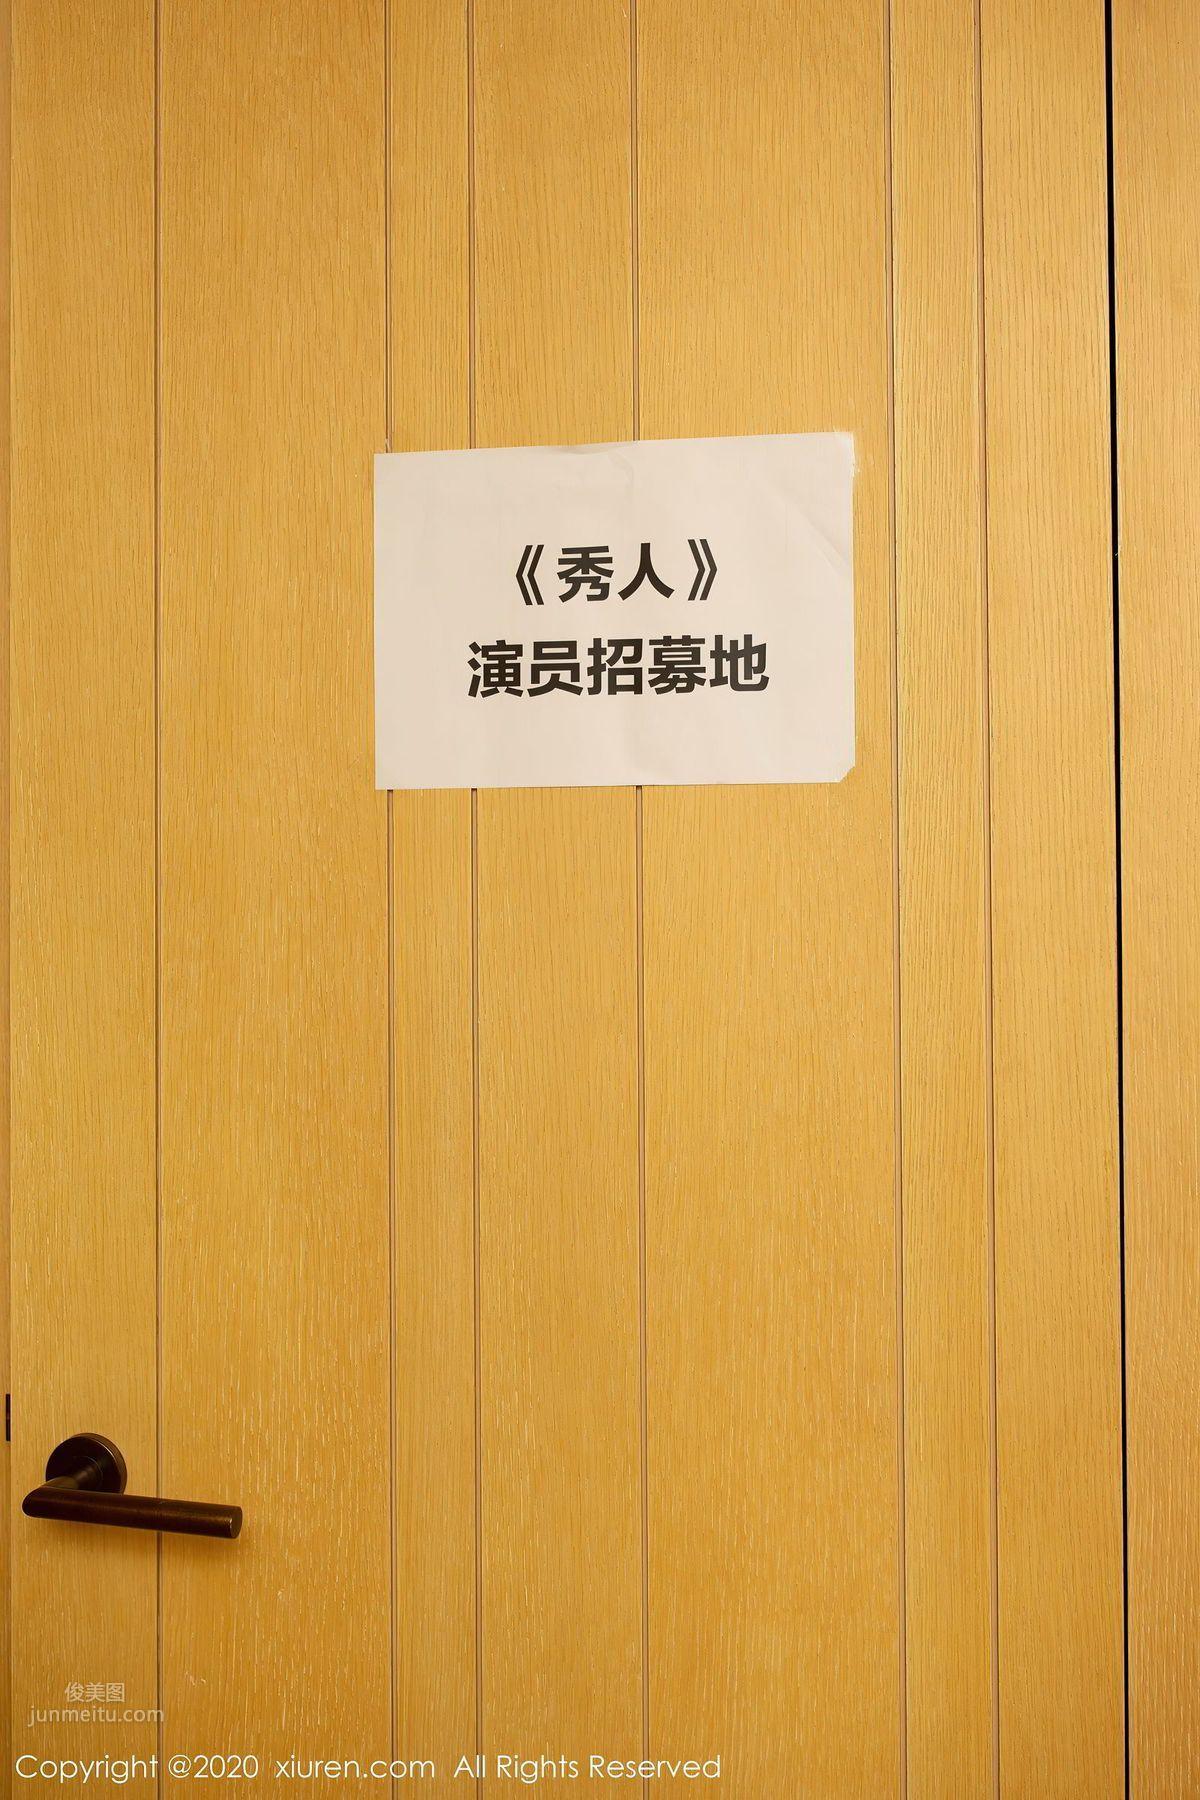 [XiuRen] 2020.11.27 No.2835 陈小喵_0